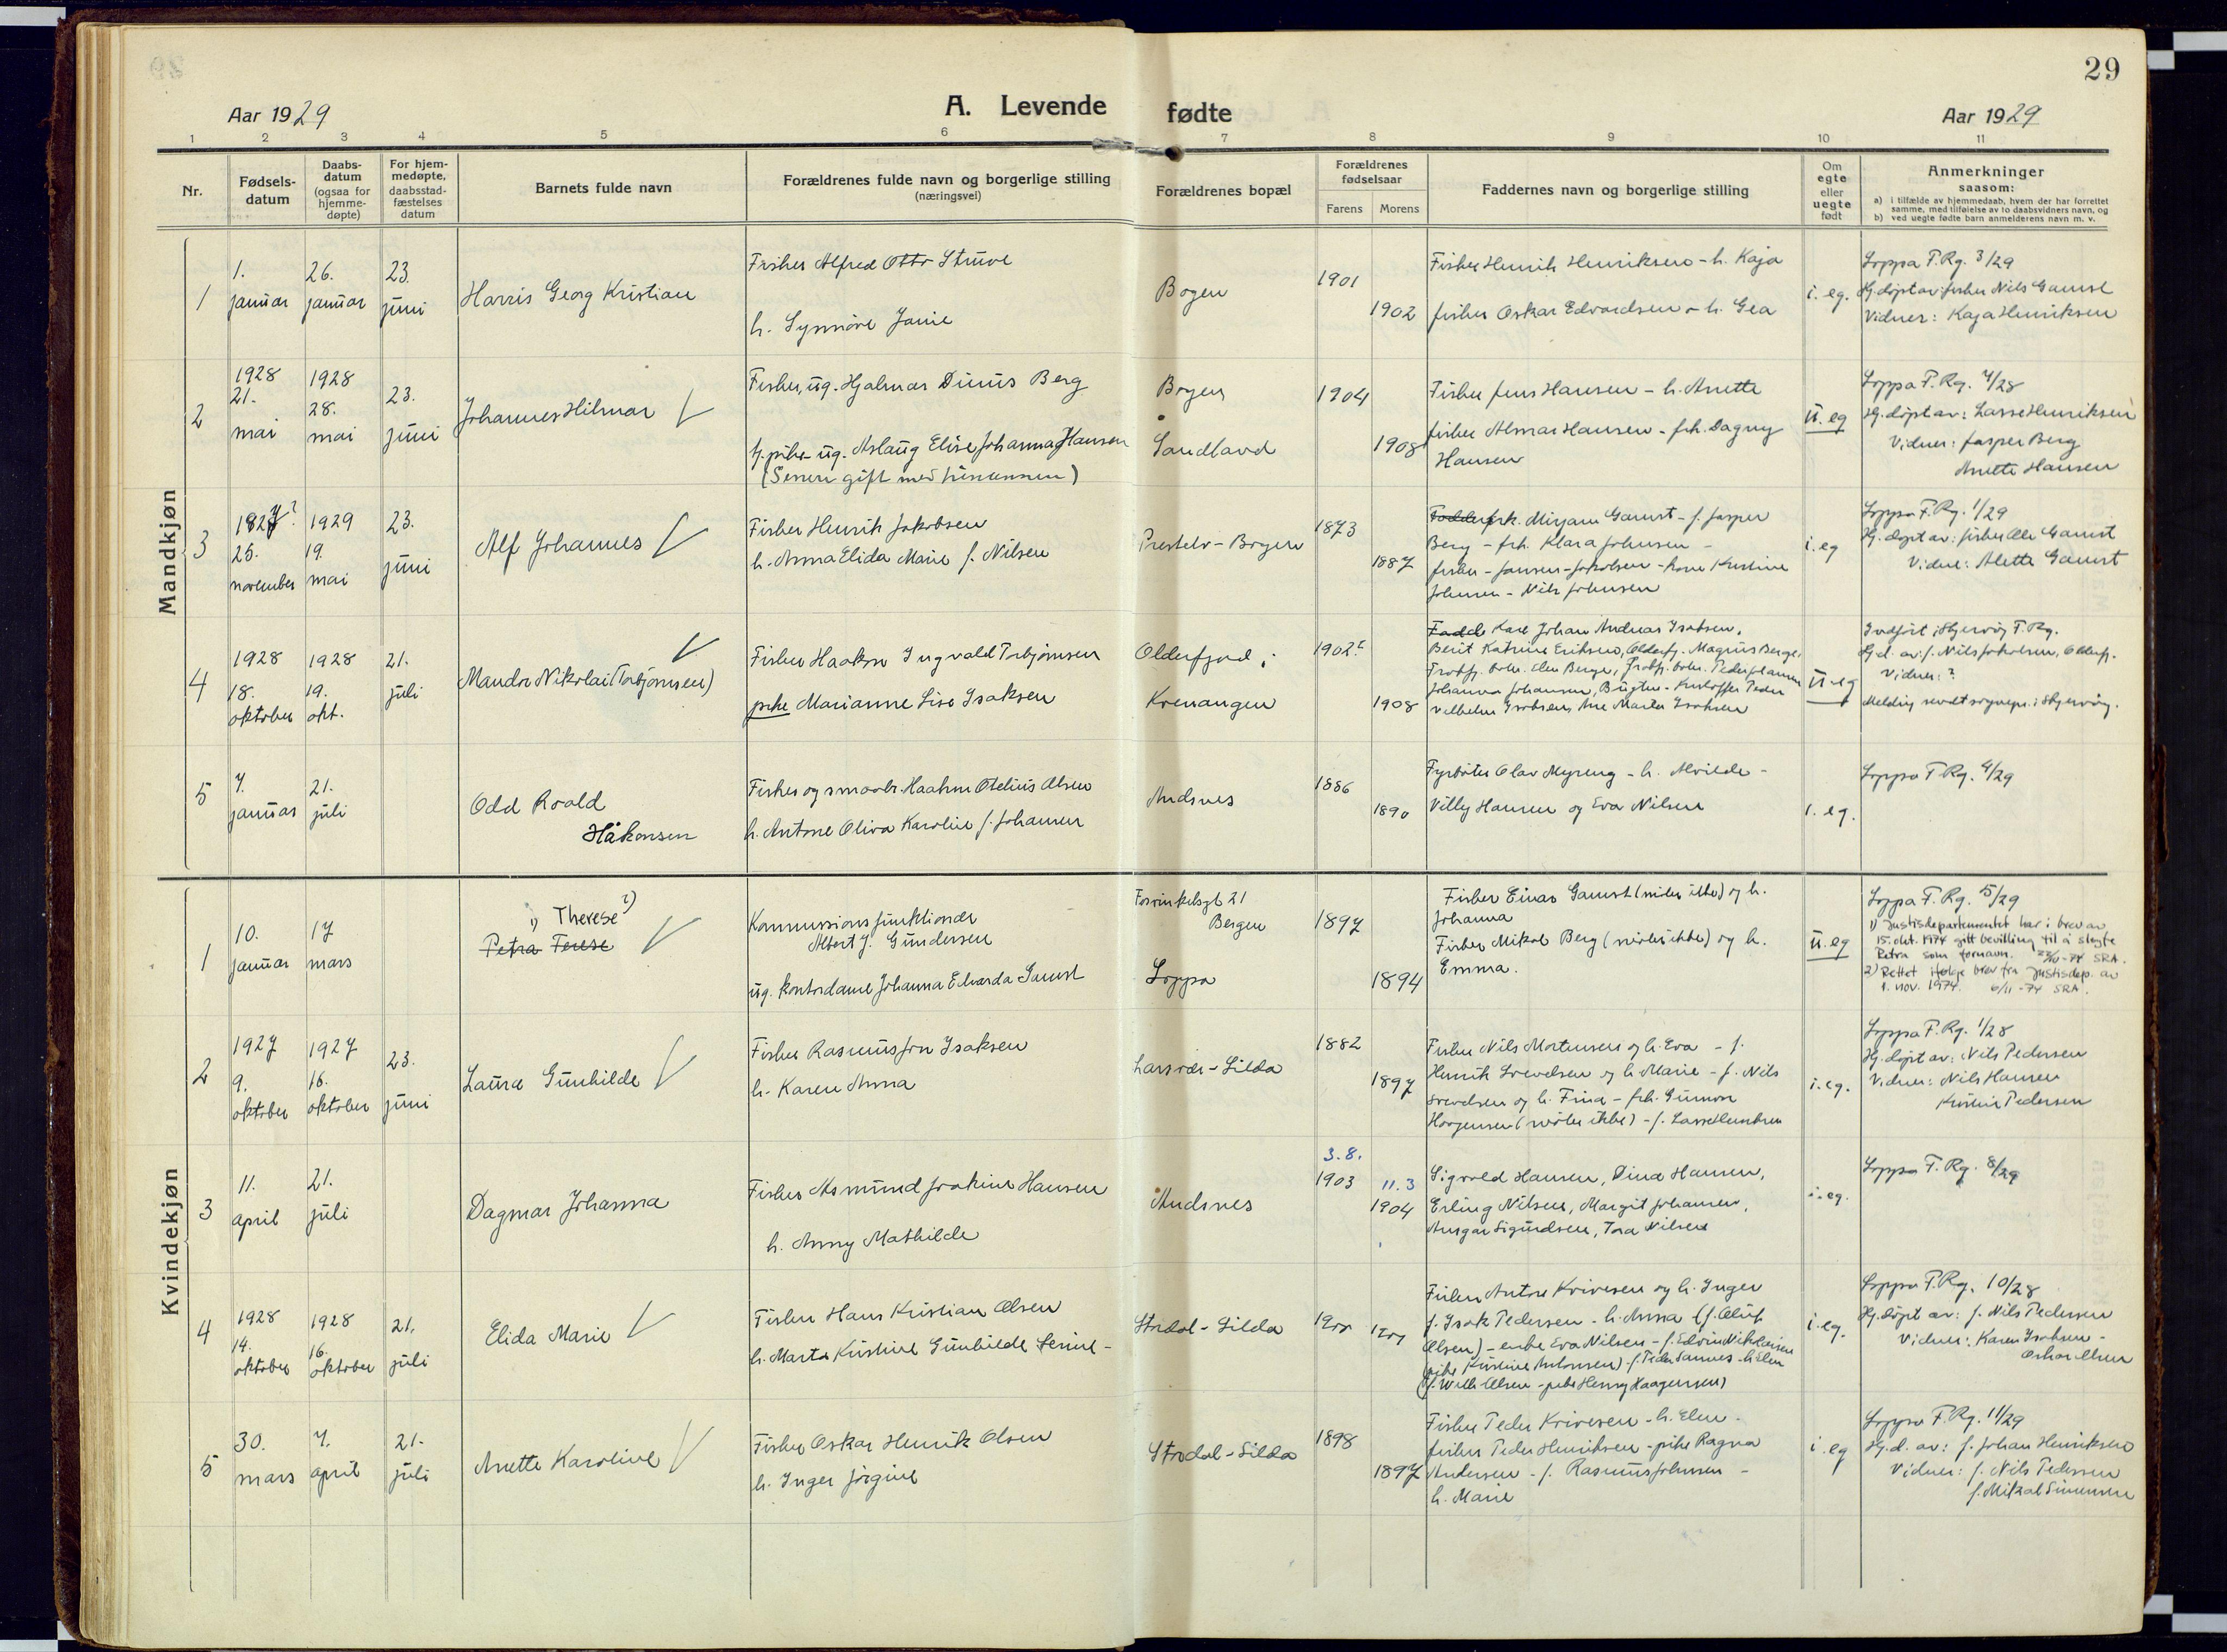 SATØ, Loppa sokneprestkontor, H/Ha/L0013kirke: Ministerialbok nr. 13, 1920-1932, s. 29